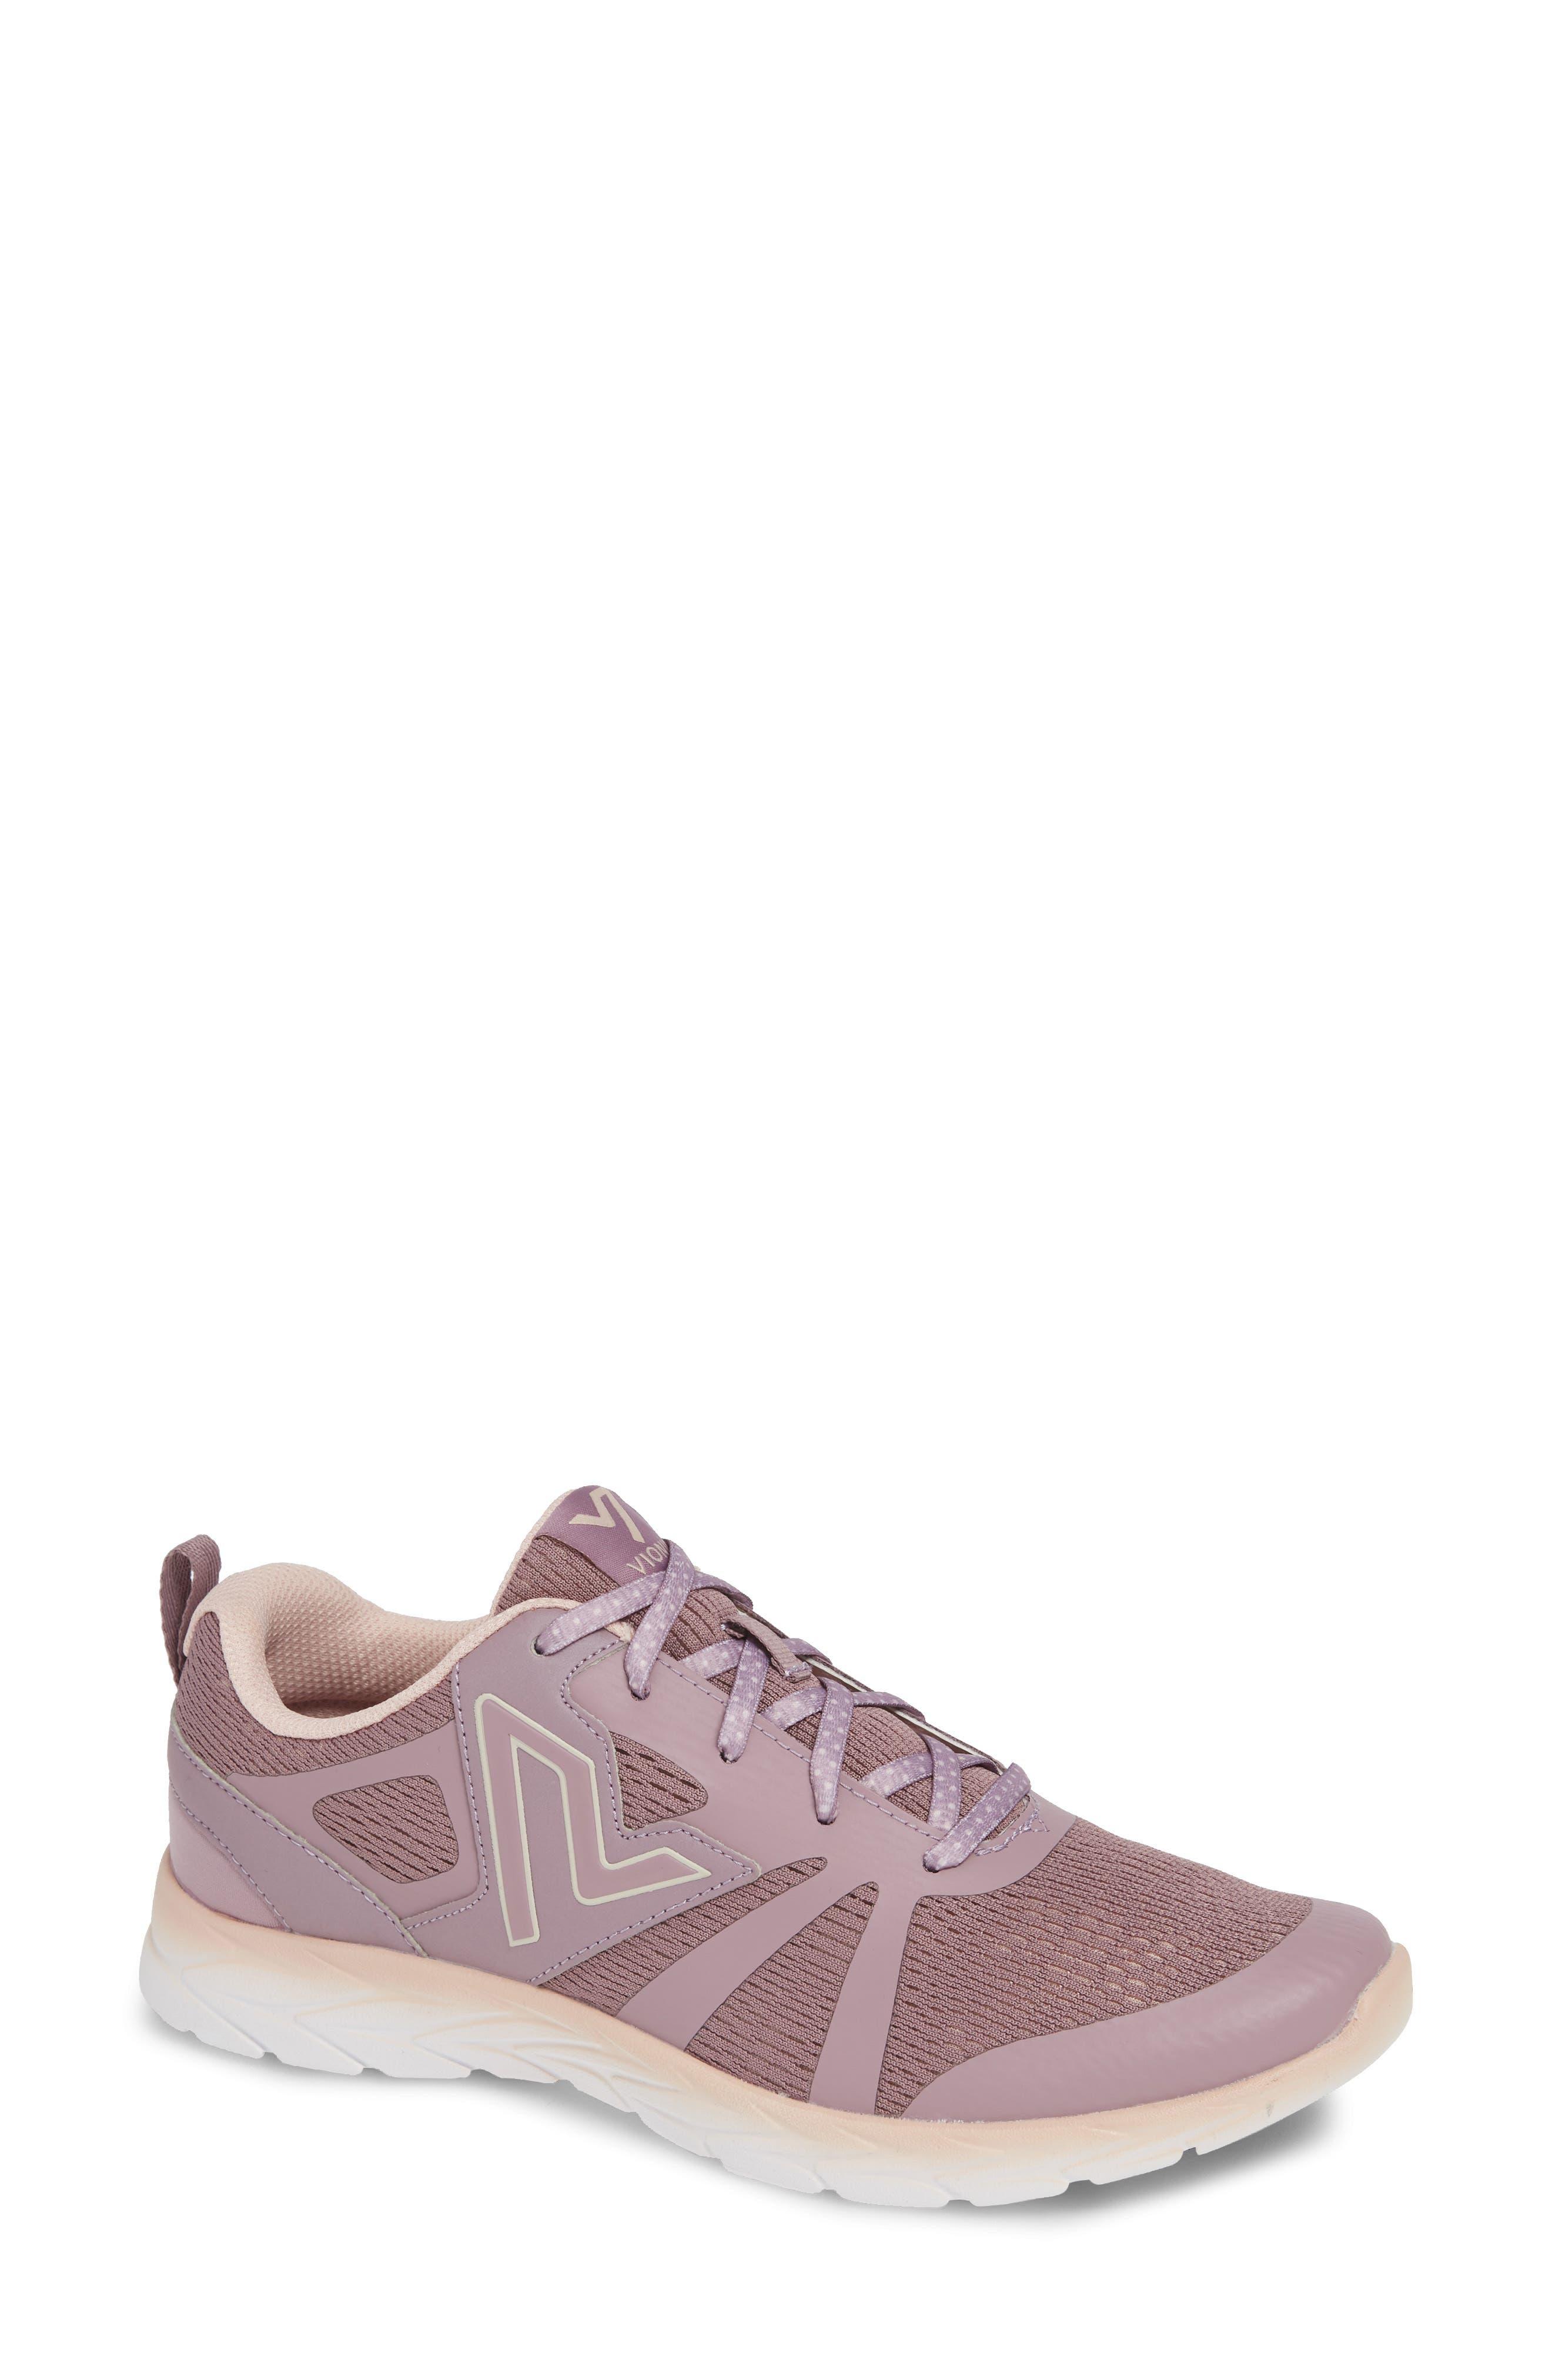 VIONIC Brisk Miles Sneaker, Main, color, MAUVE